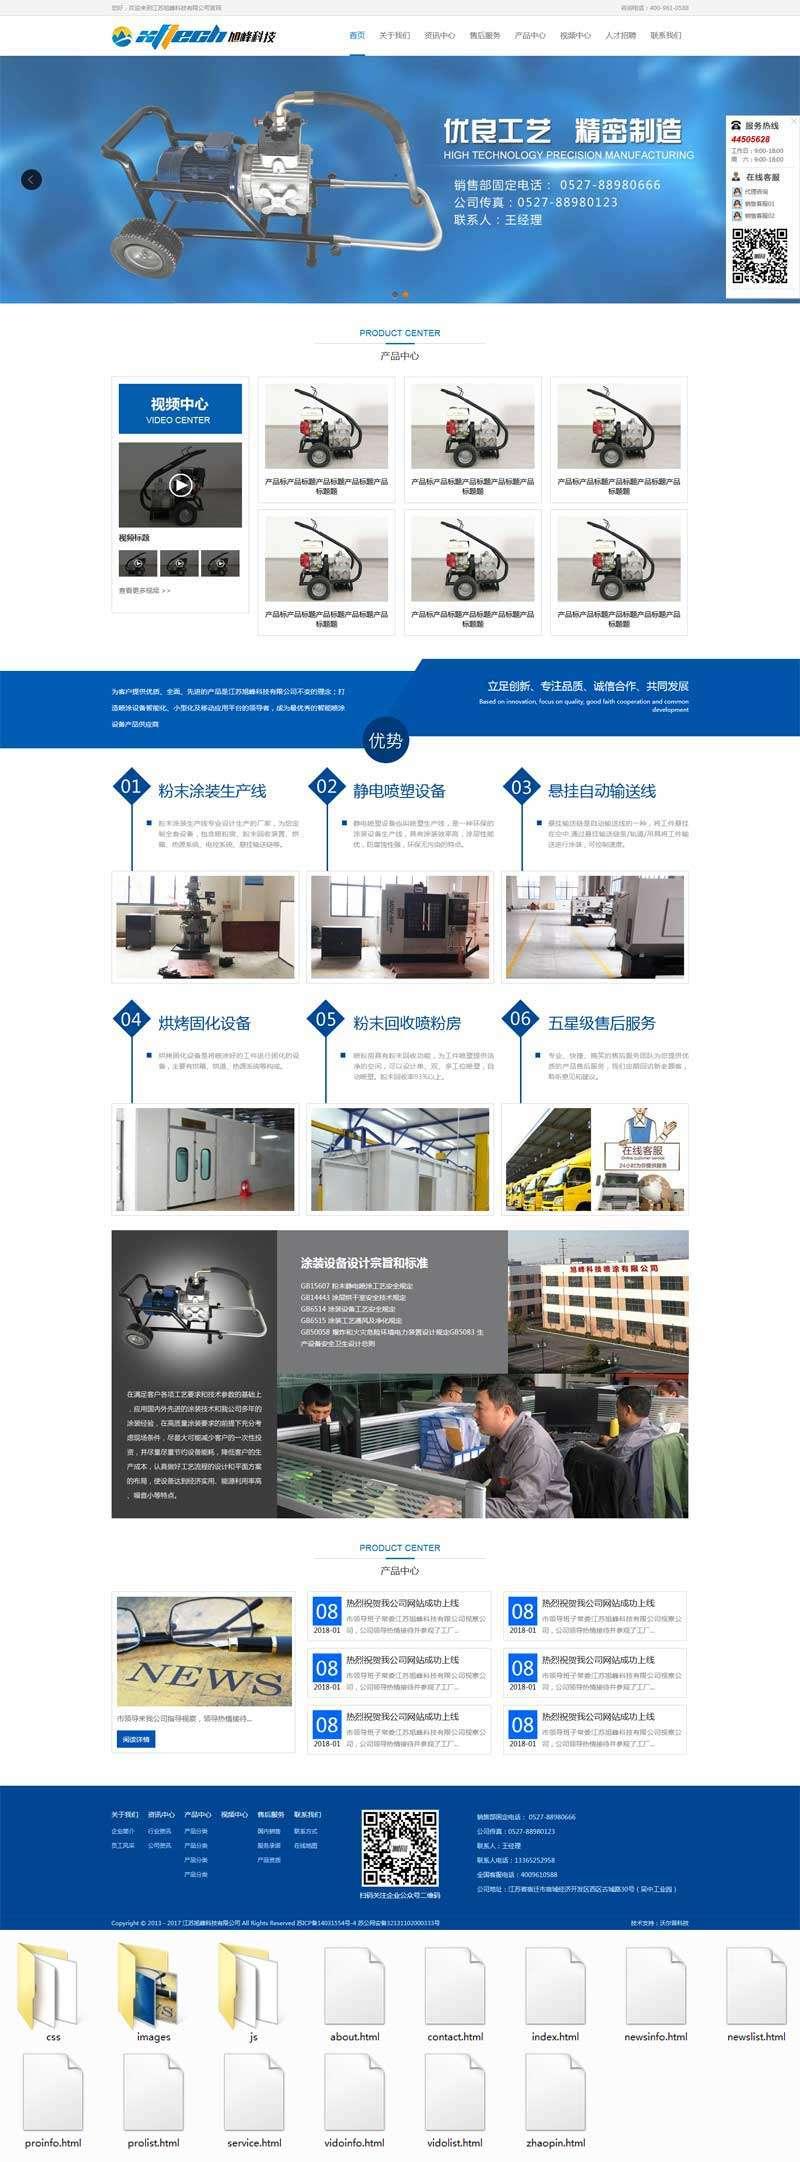 蓝色的机械设备制造科技公司网站模板